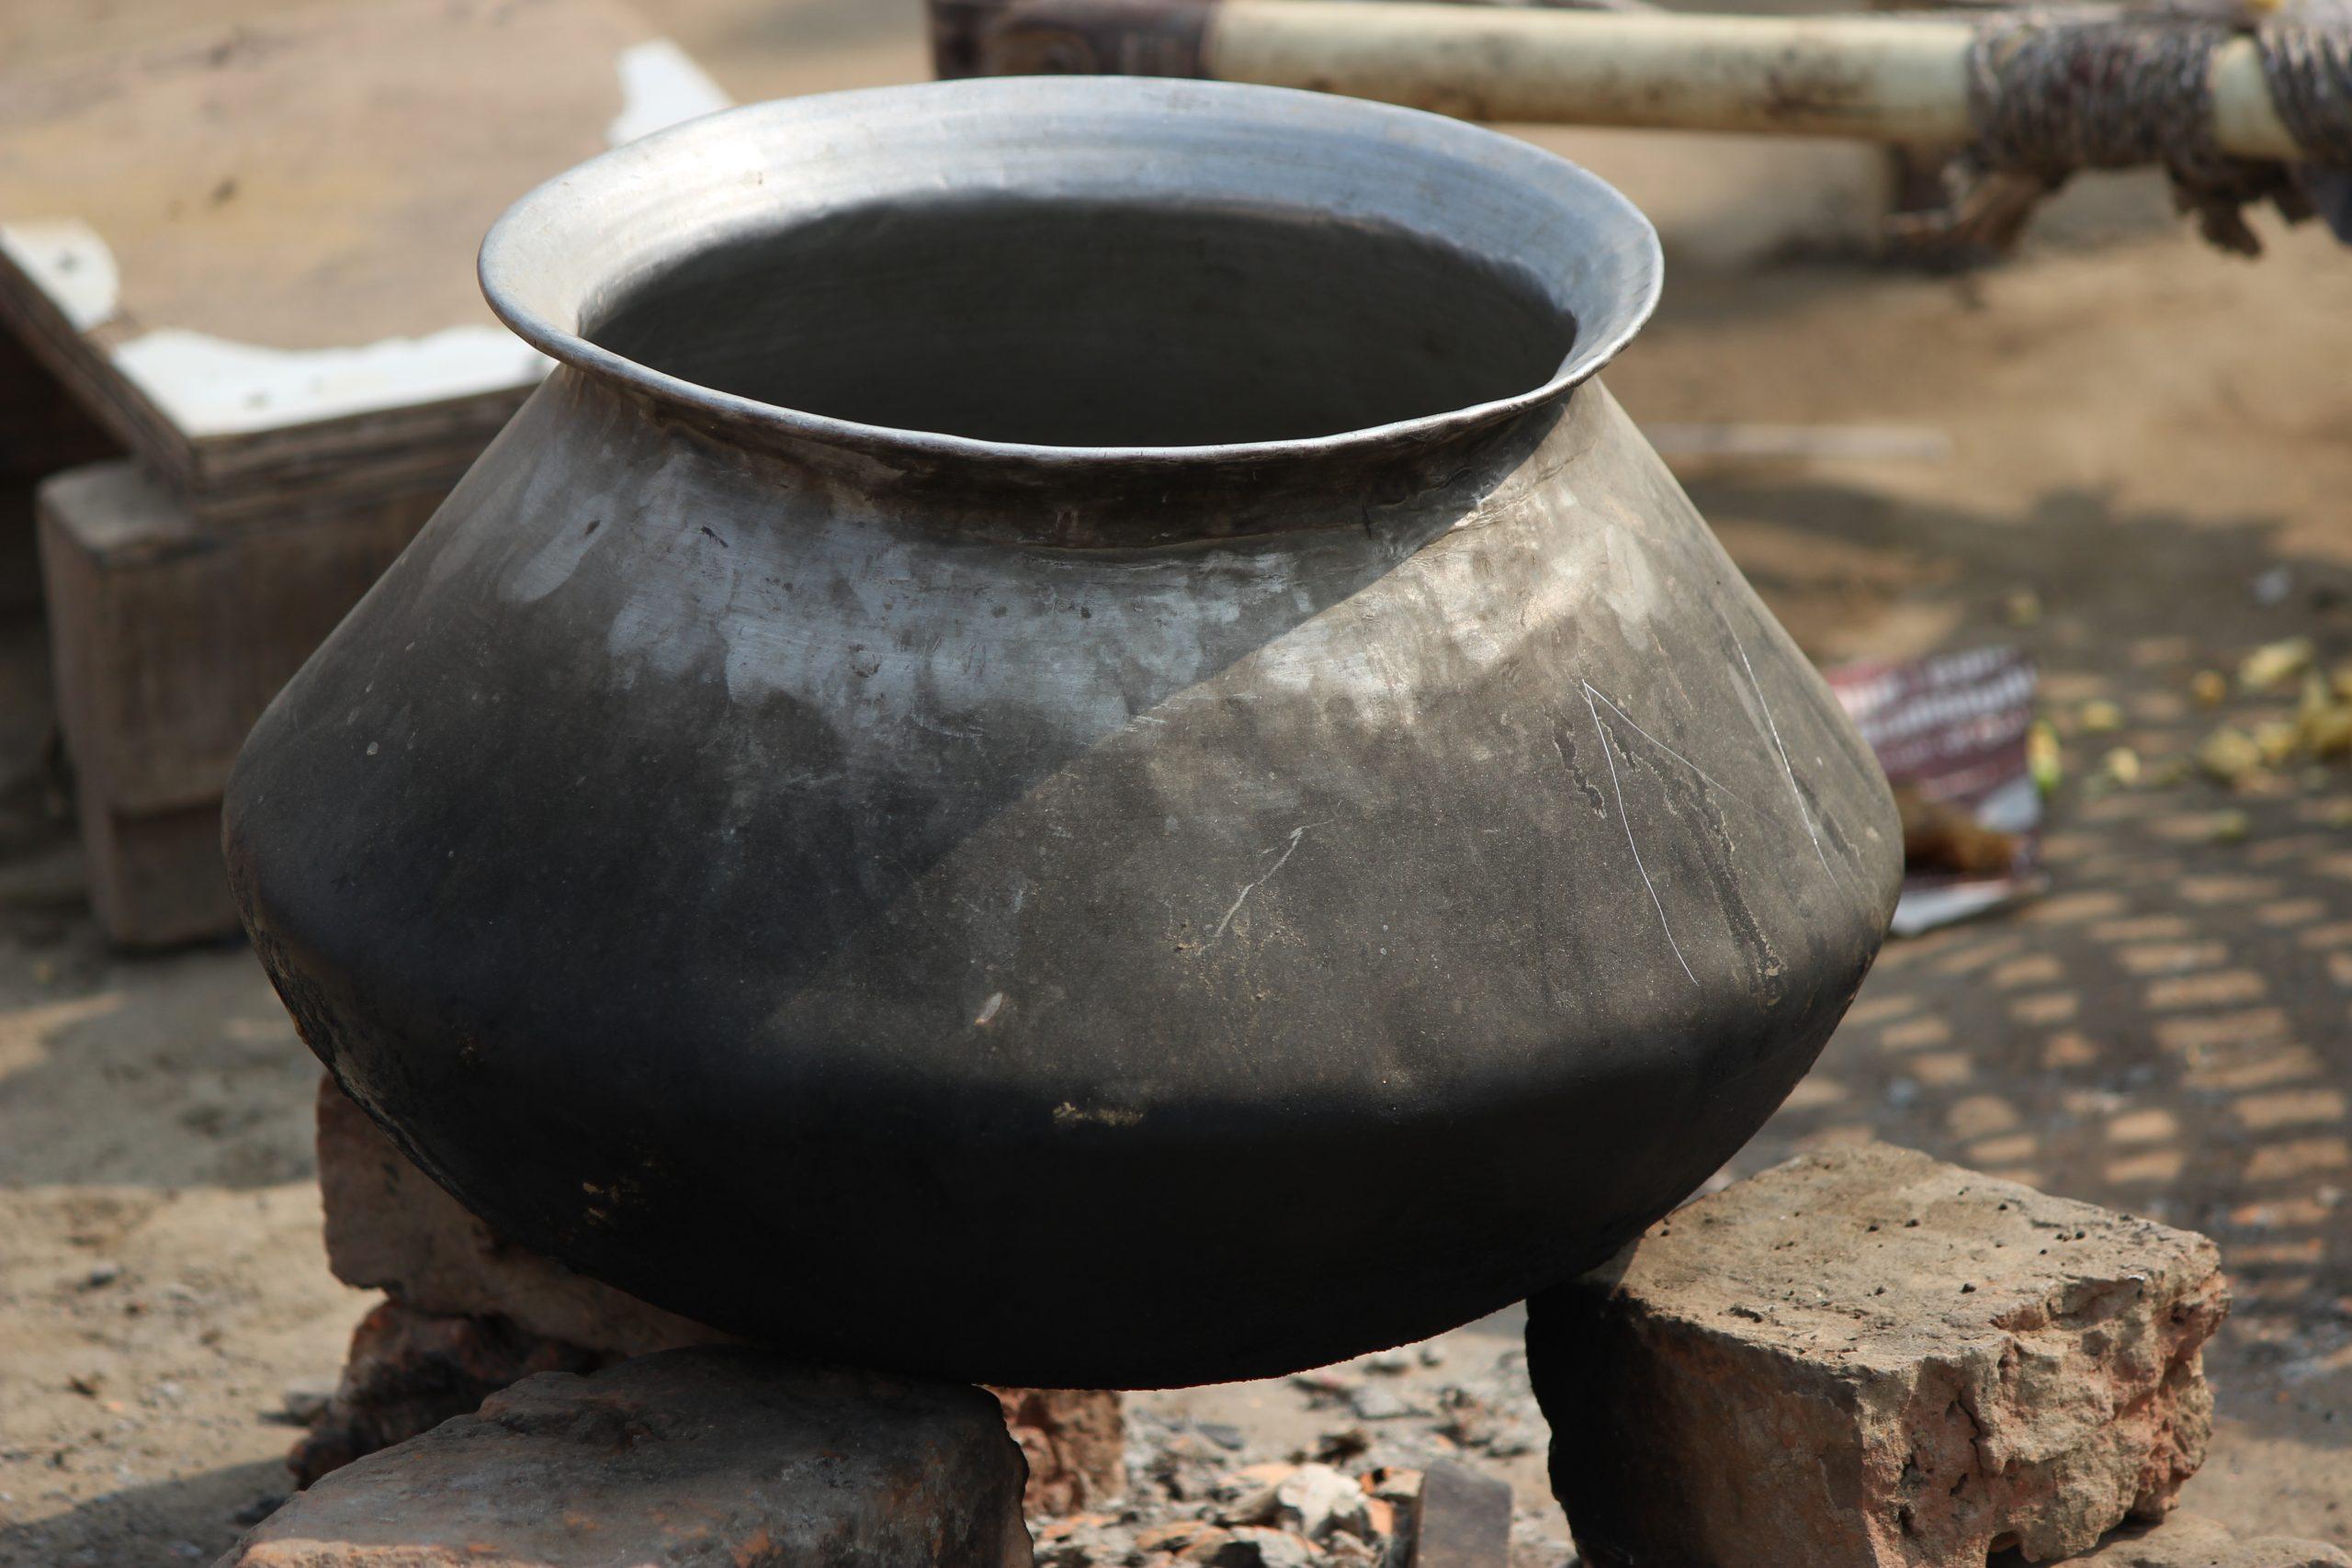 An aluminum pot on stove